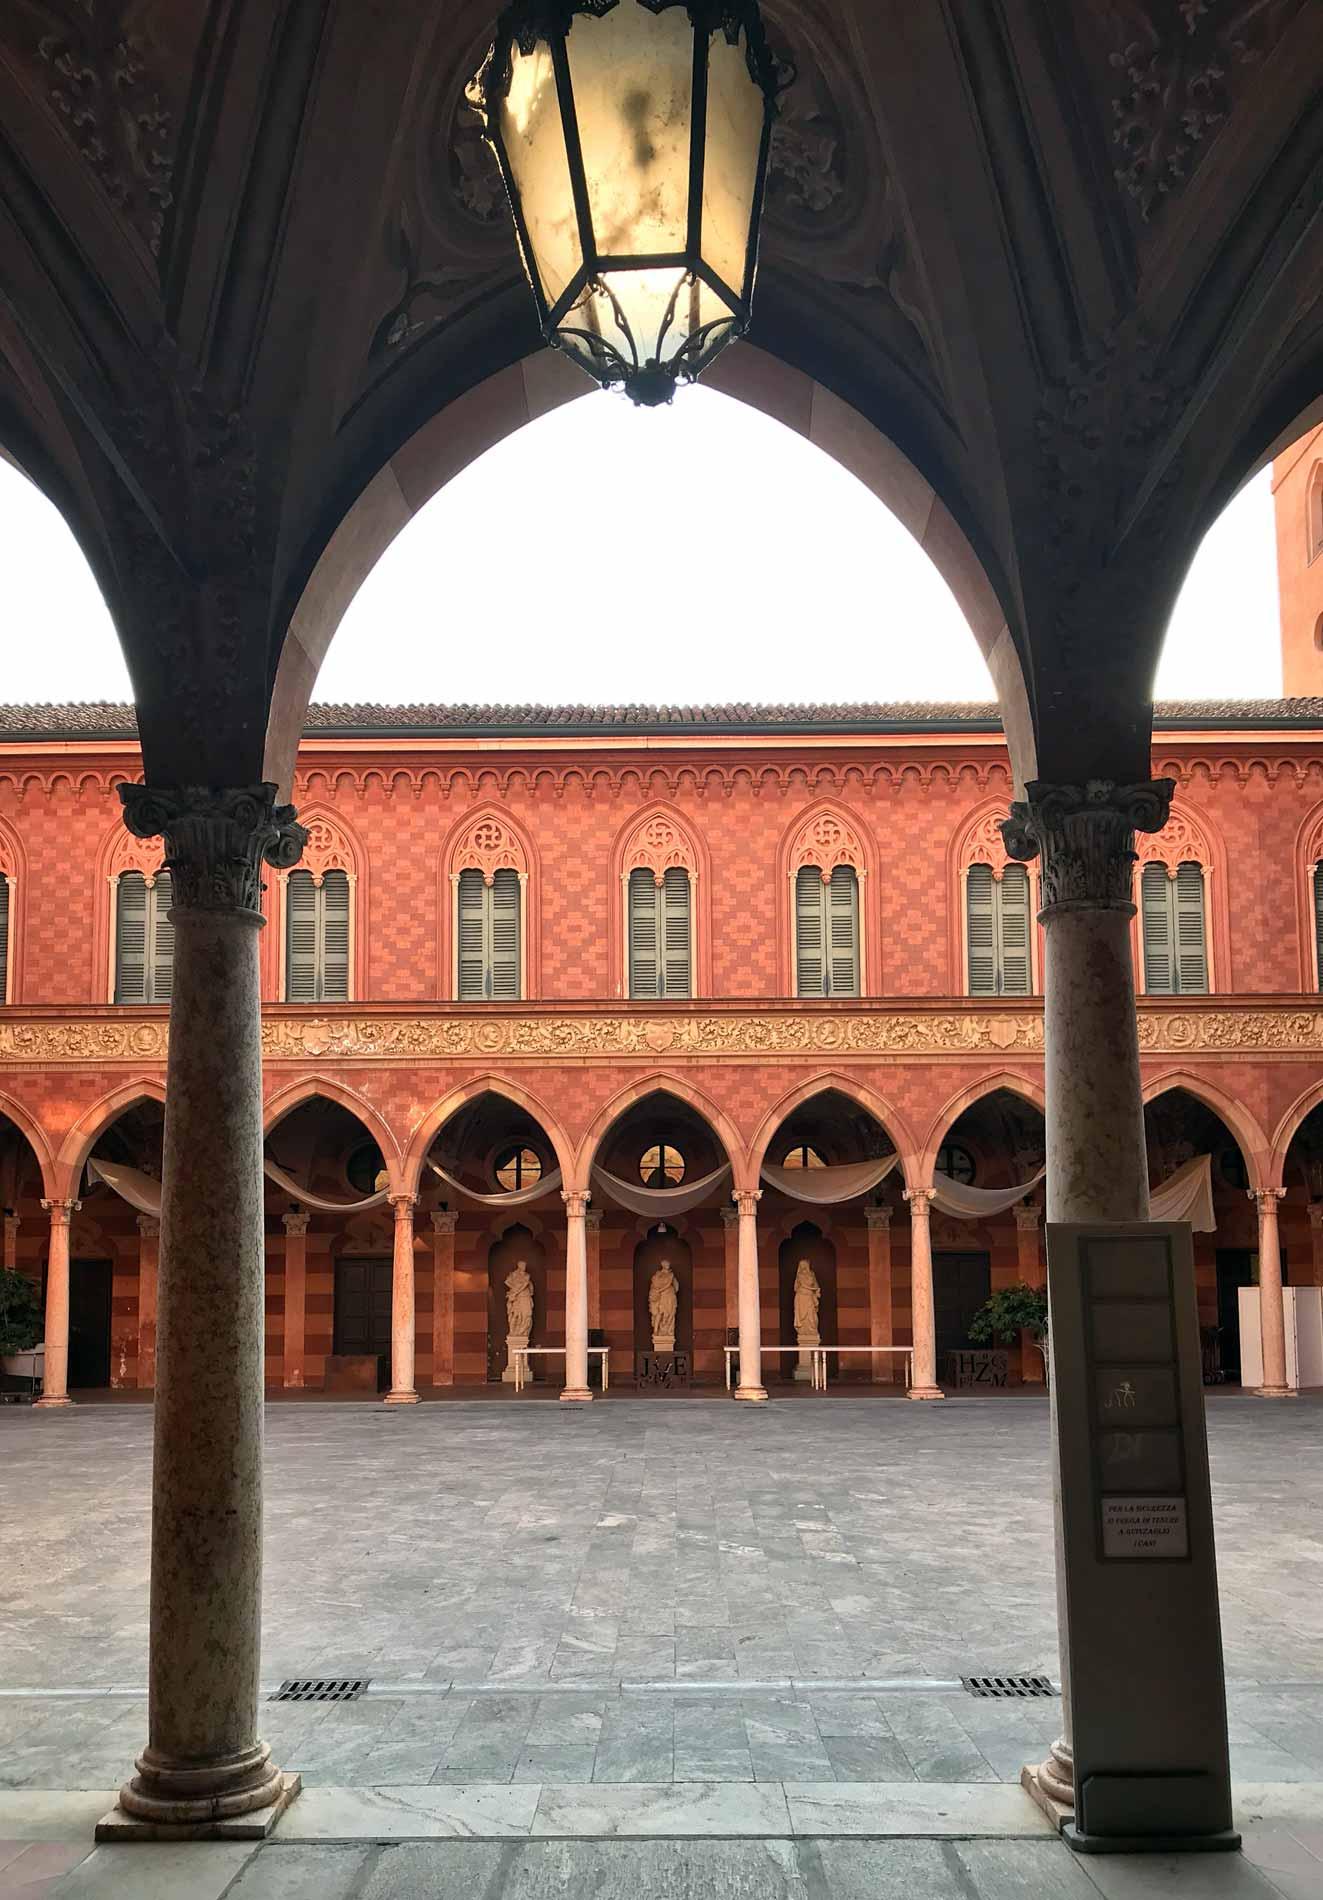 Palazzo-Trecchi-Cremona-via-trecchi-cortile-interno-arcate-facciata-rossa